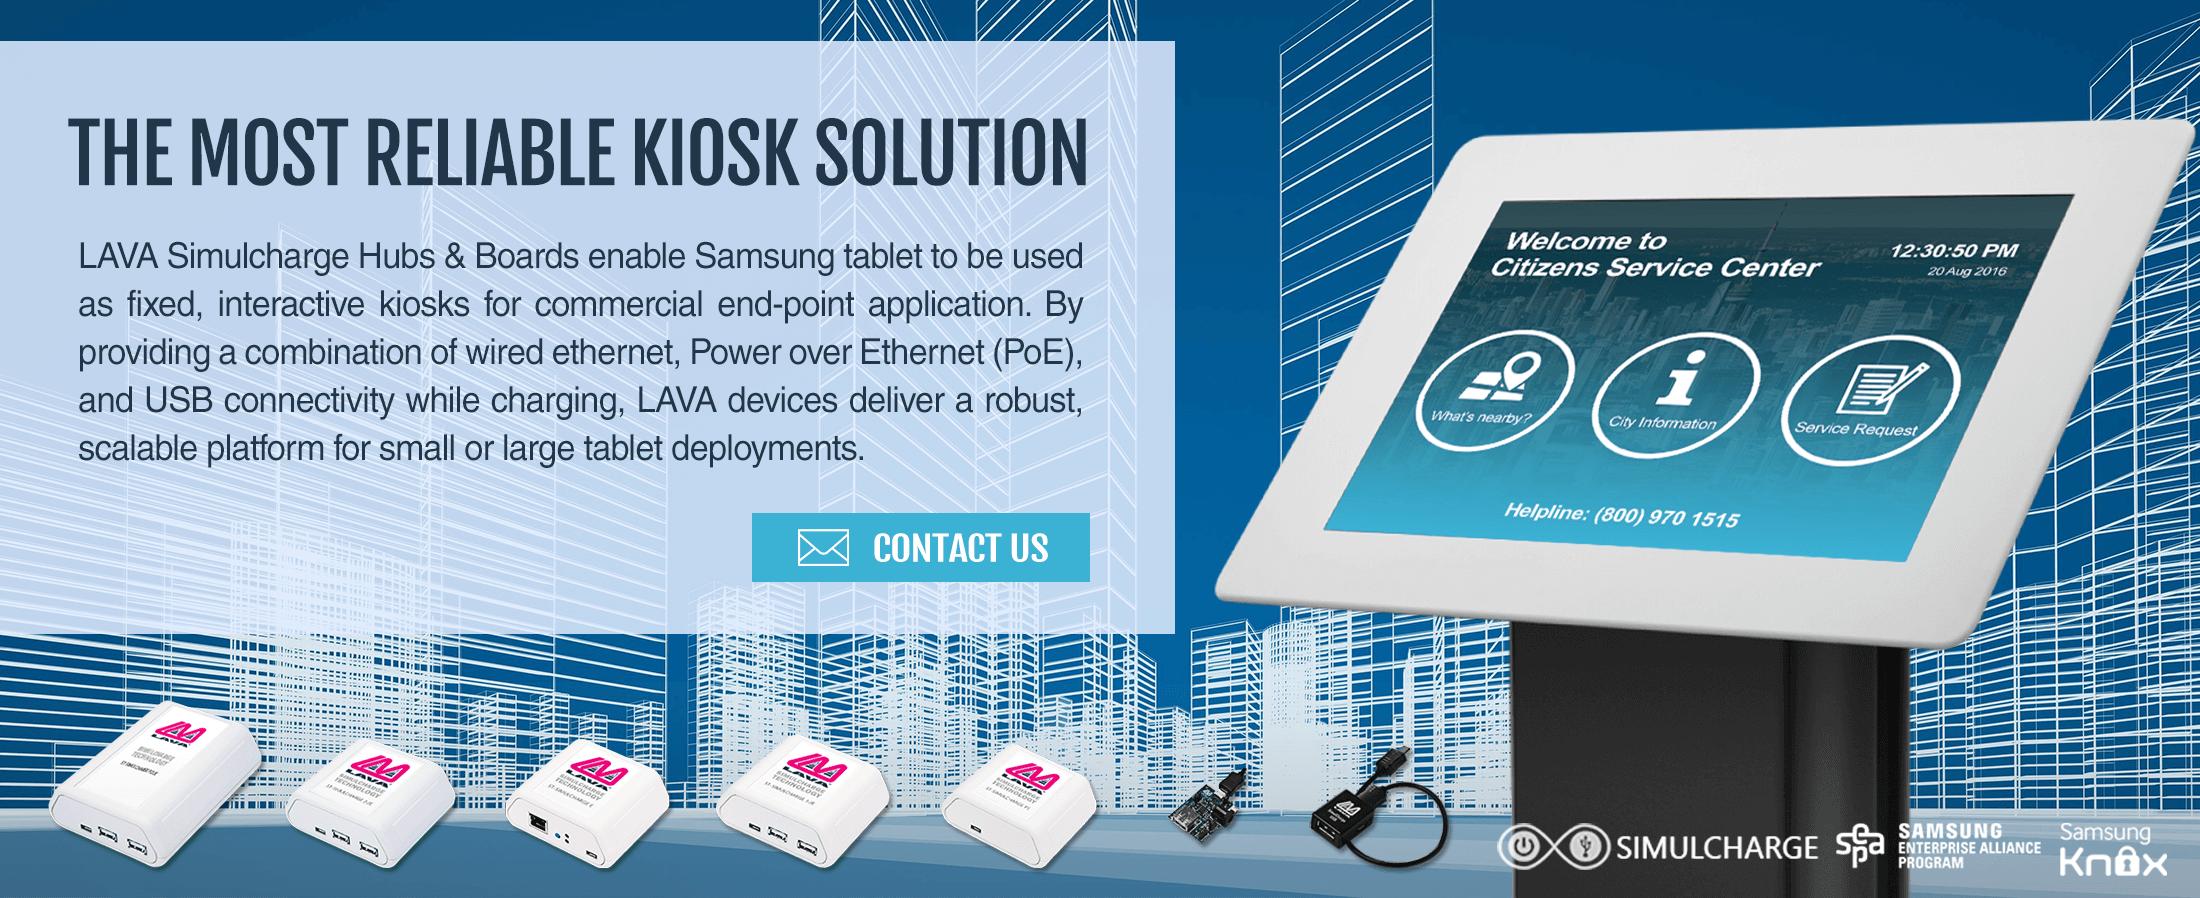 LAVA Government Tablet Kiosk Solution Banner